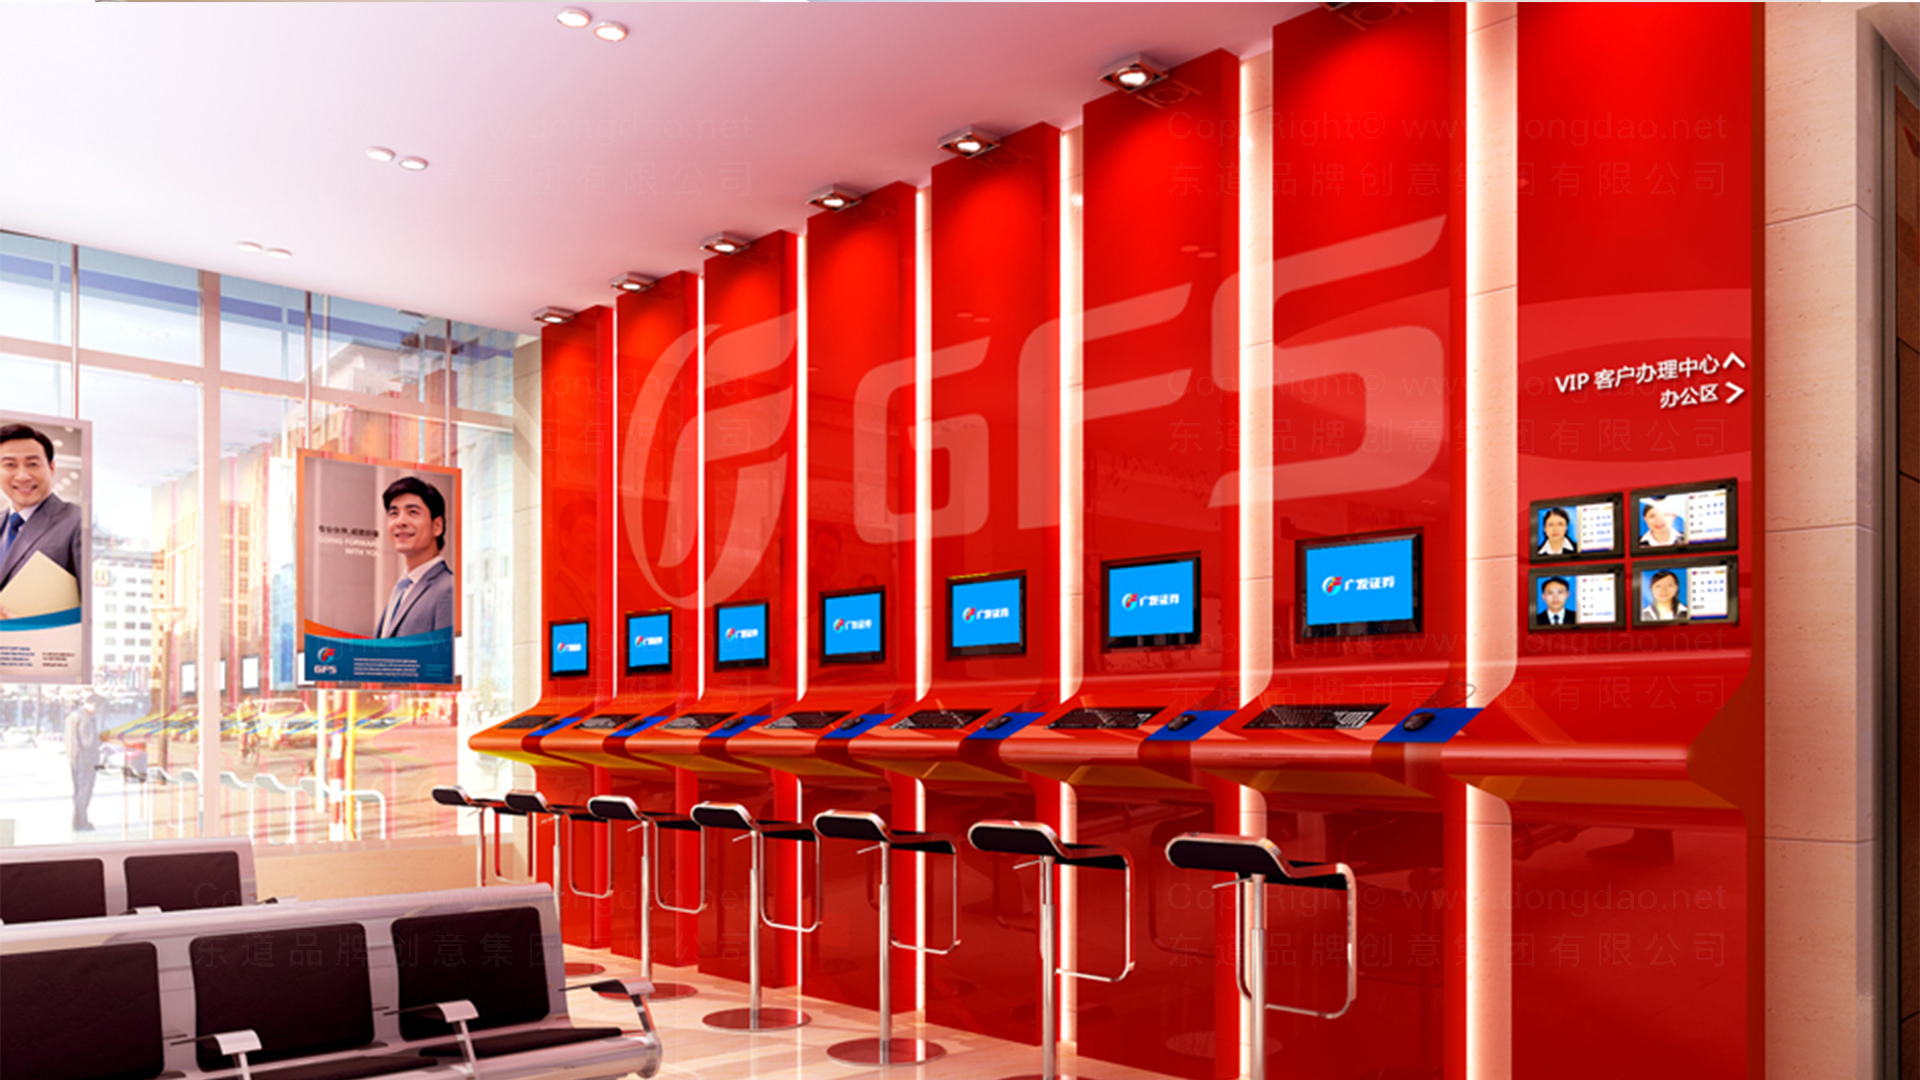 商业空间&导示广发证券SI设计应用场景_4